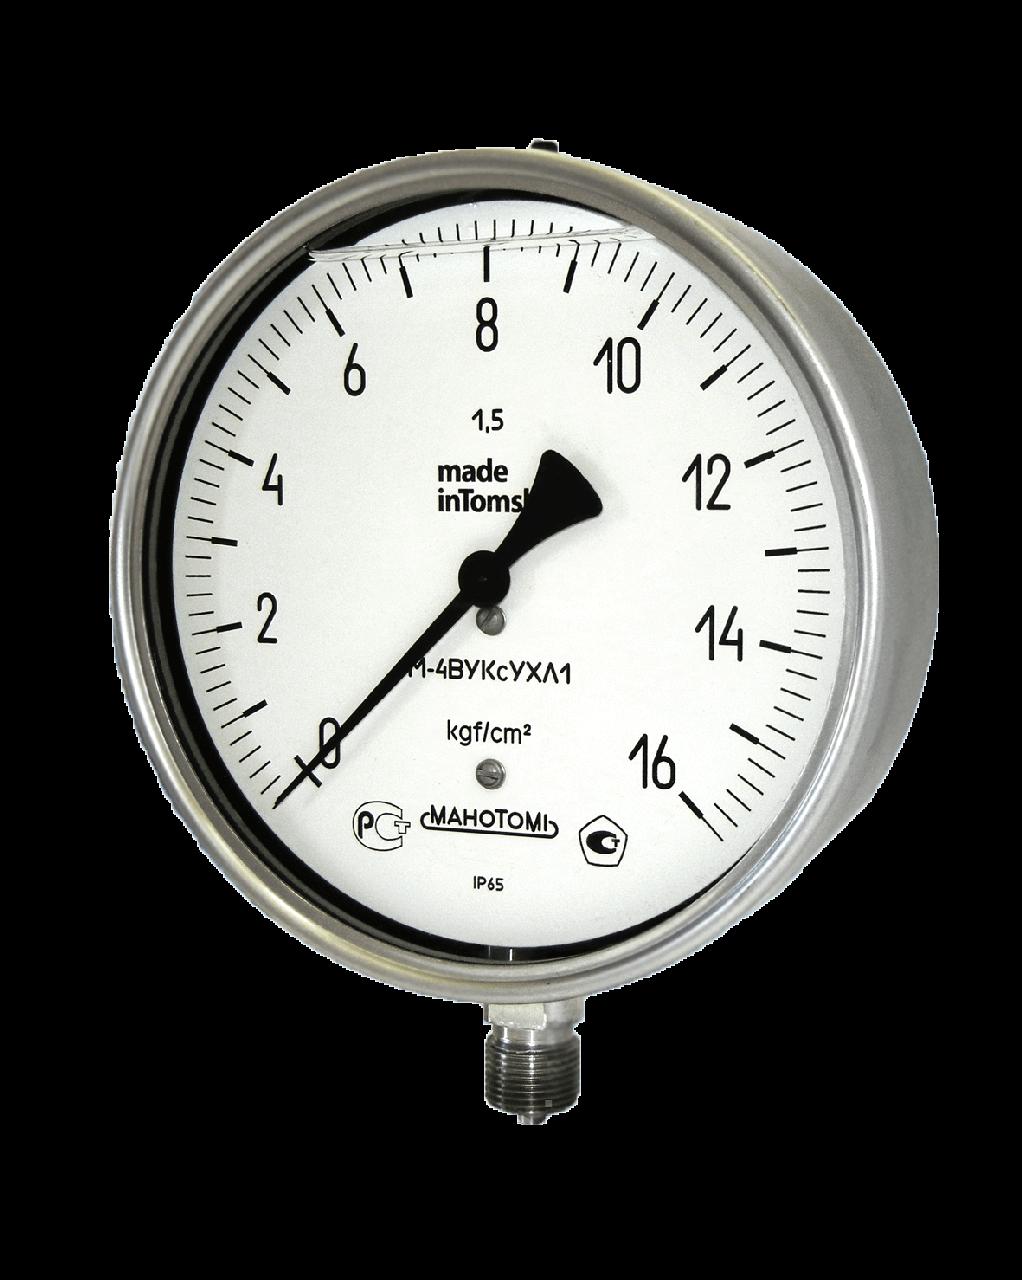 Манометры, вакуумметры, мановакуумметры М-4ВУКс, В-4ВУКс, МВ-4ВУКс